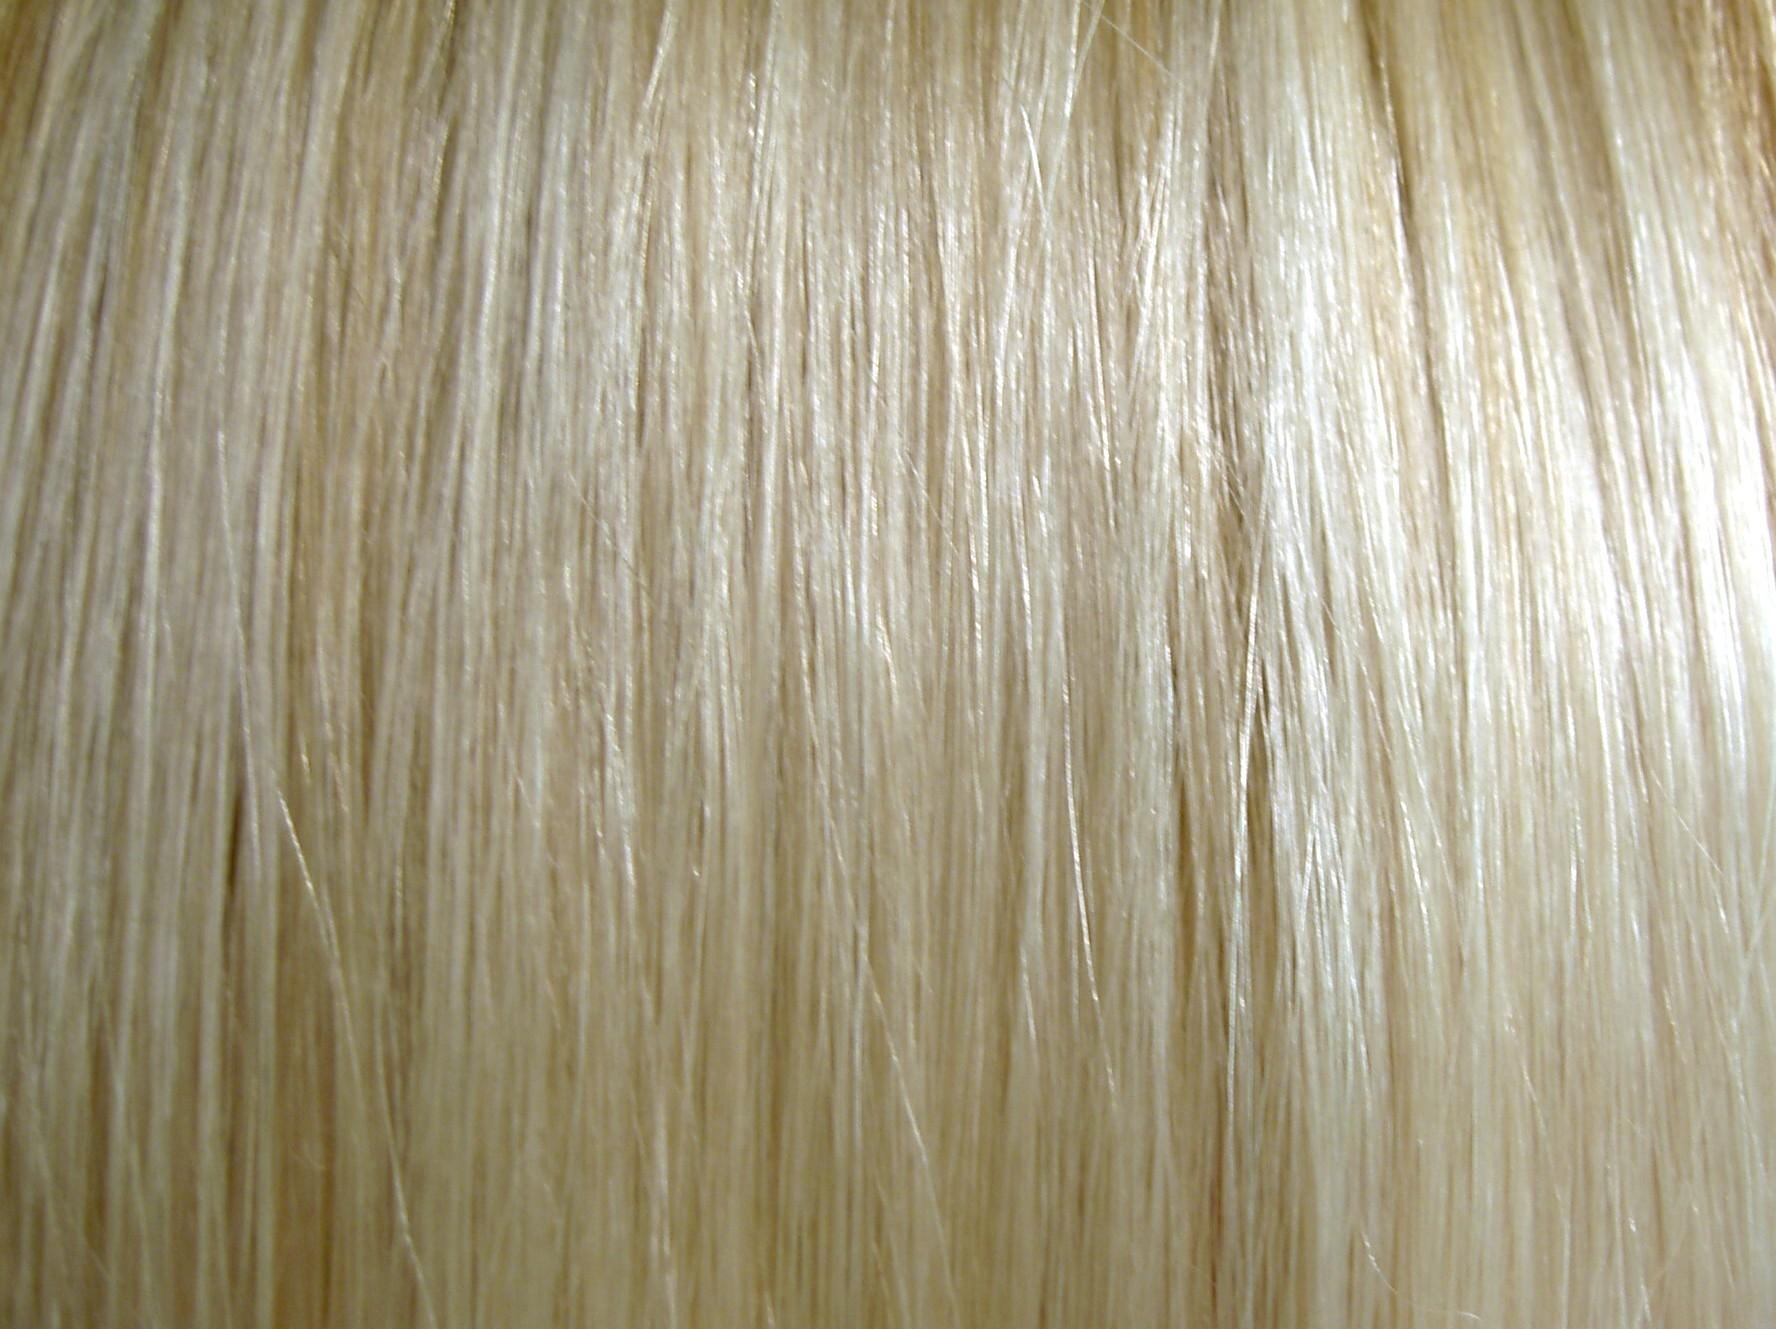 Осветление волос в домашних условиях перекисью отзывы